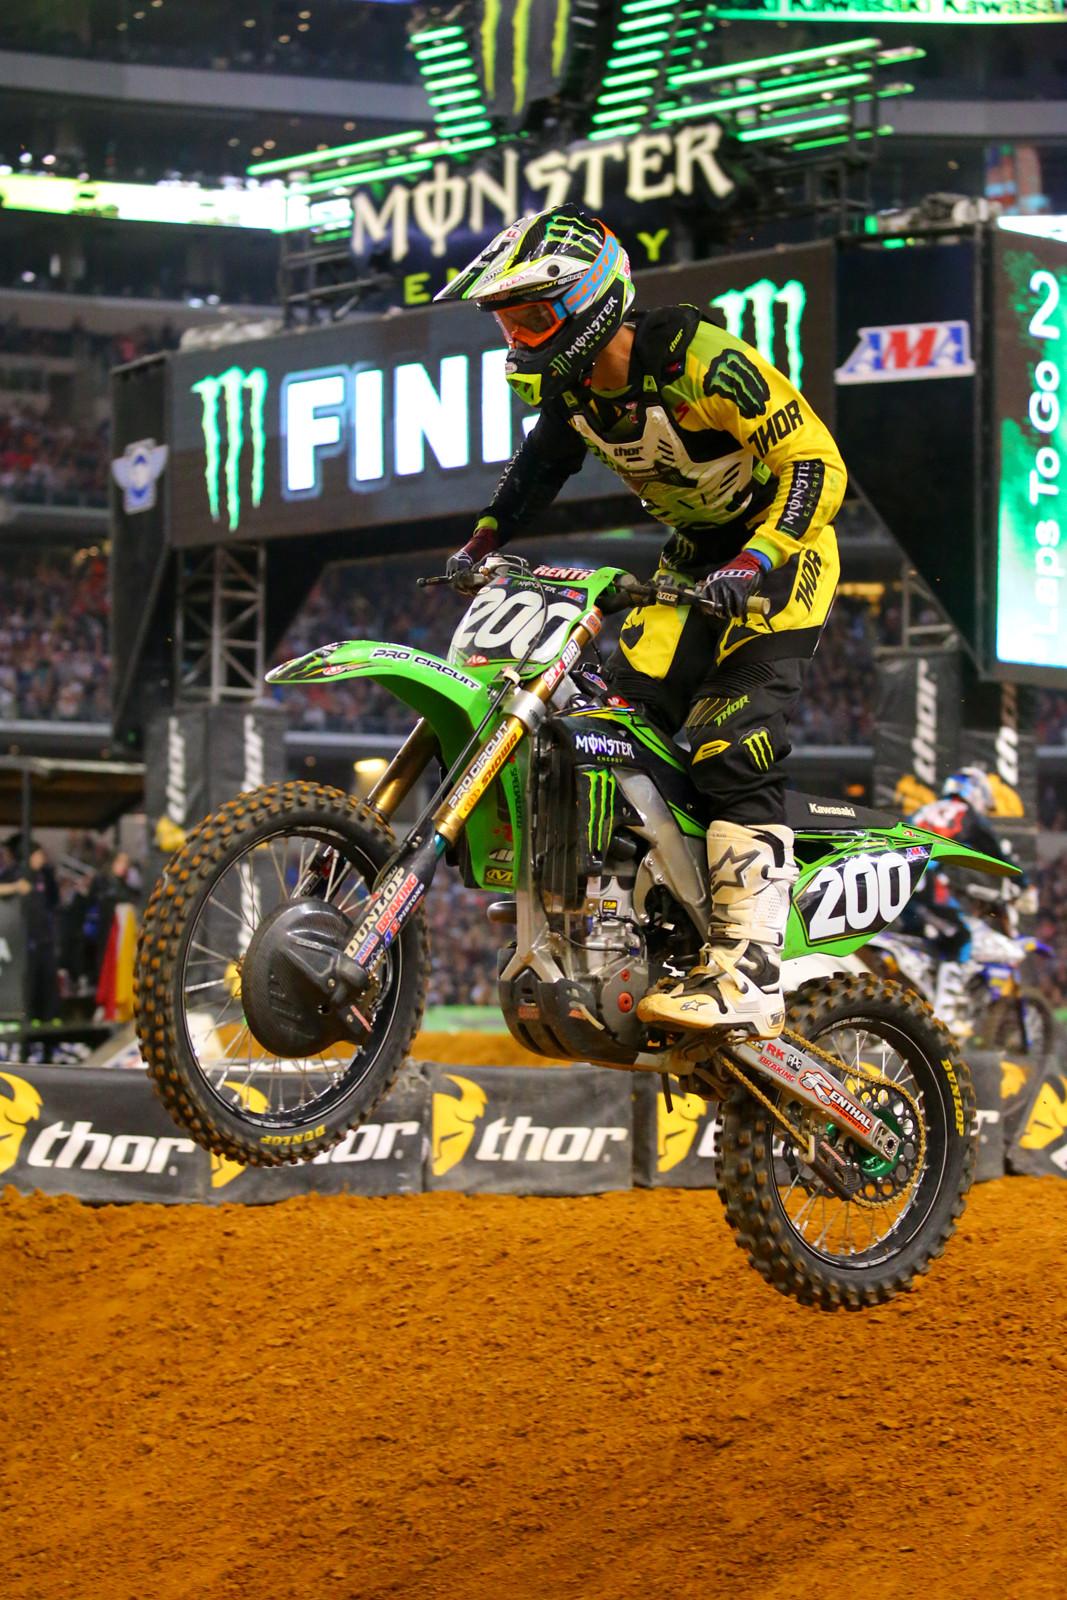 Arnaud Tonus - Photo Blast: Arlington - Motocross Pictures - Vital MX